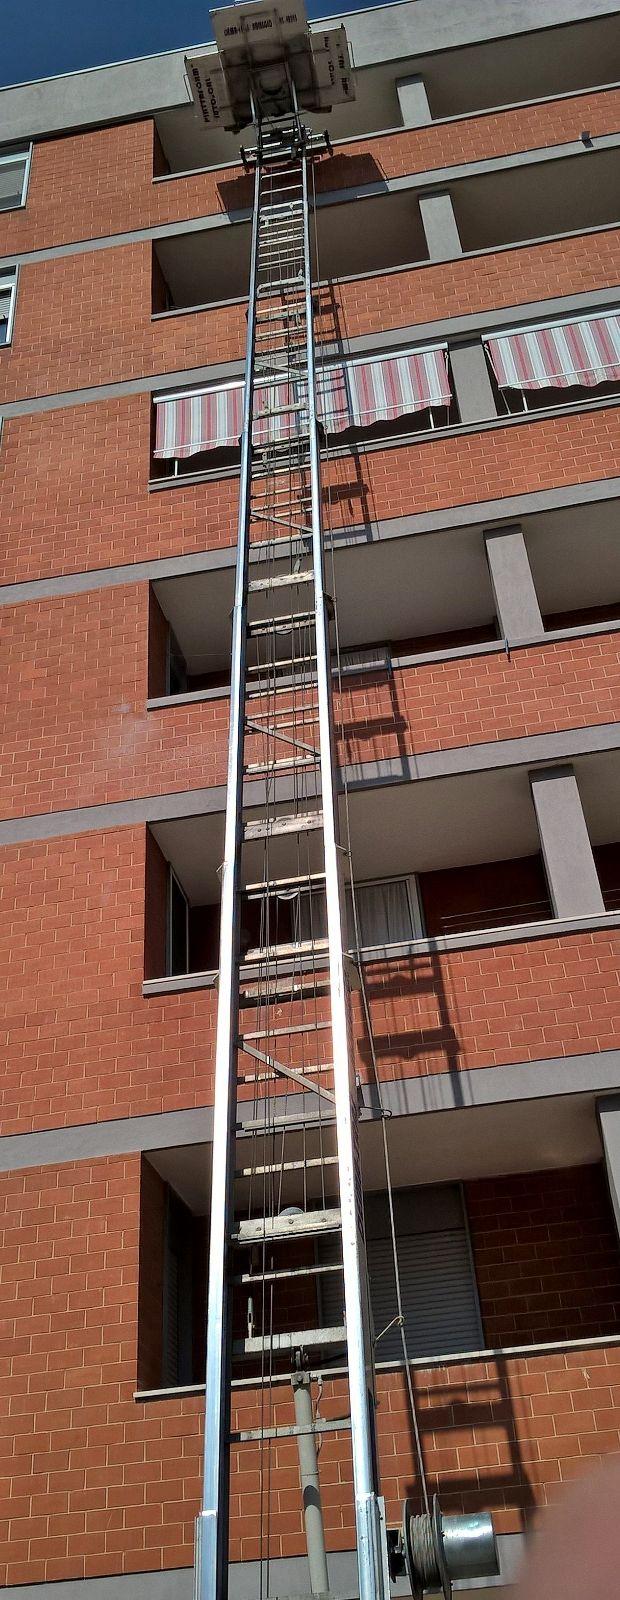 Lunga scala di fronte a un palazzo